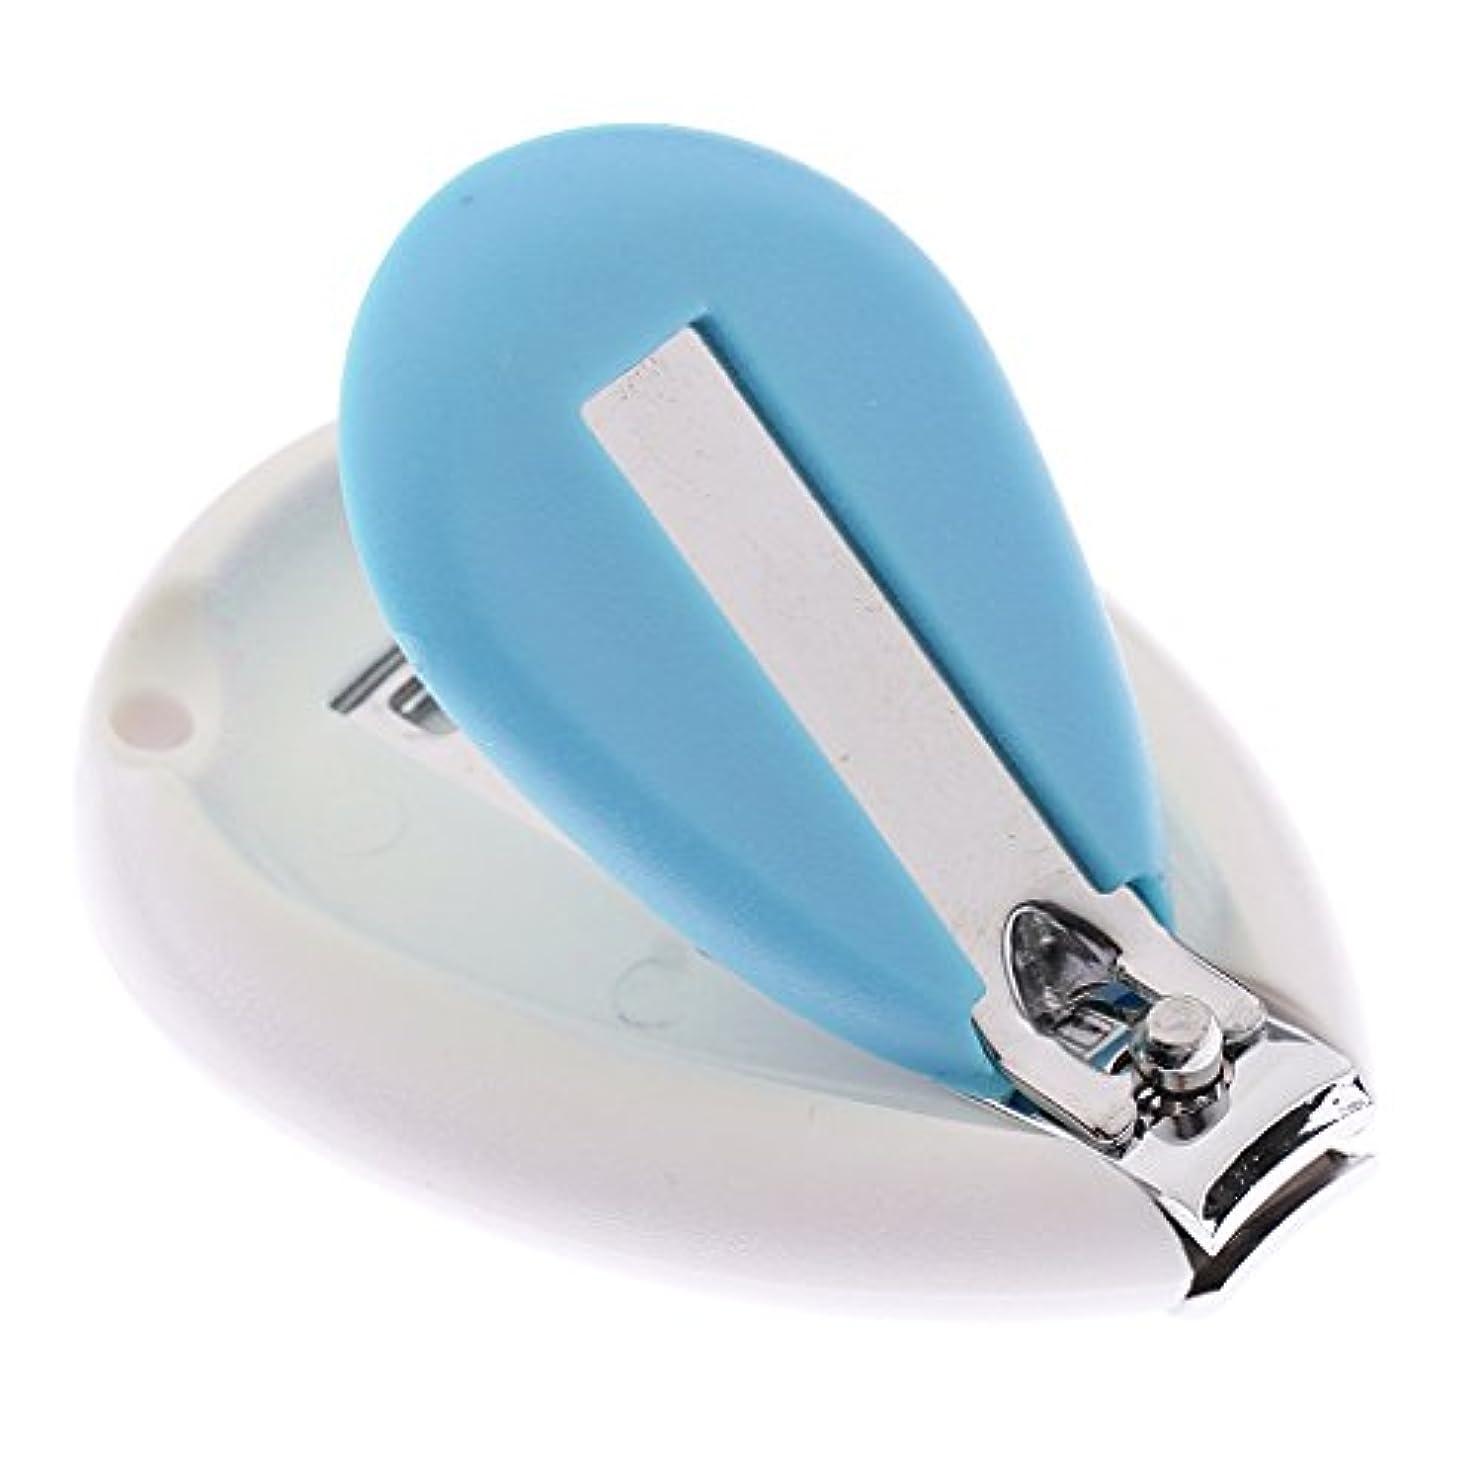 GRALARA キッズ 赤ちゃん ネイル クリッパー はさみ トリマー カッター 安全 人間工学 全3色 - 青